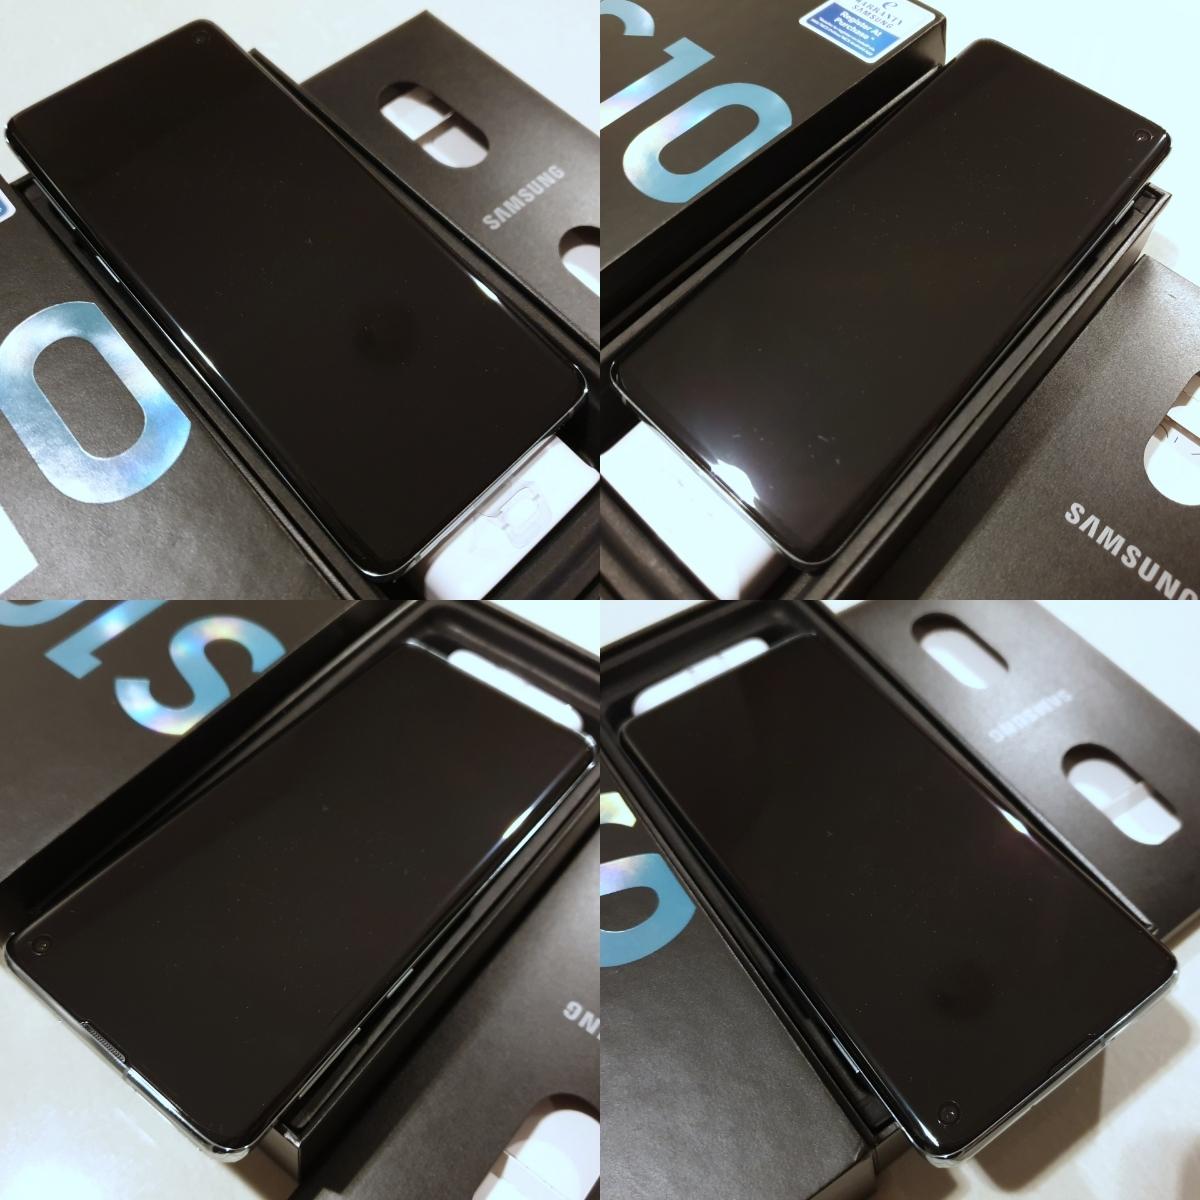 日本未発売 レア色 新品 未使用 グローバル版 simフリー Samsung Galaxy S10 SM-G973F/DS 128GB Dual Sim Prism Green プリズムグリーン_画像5